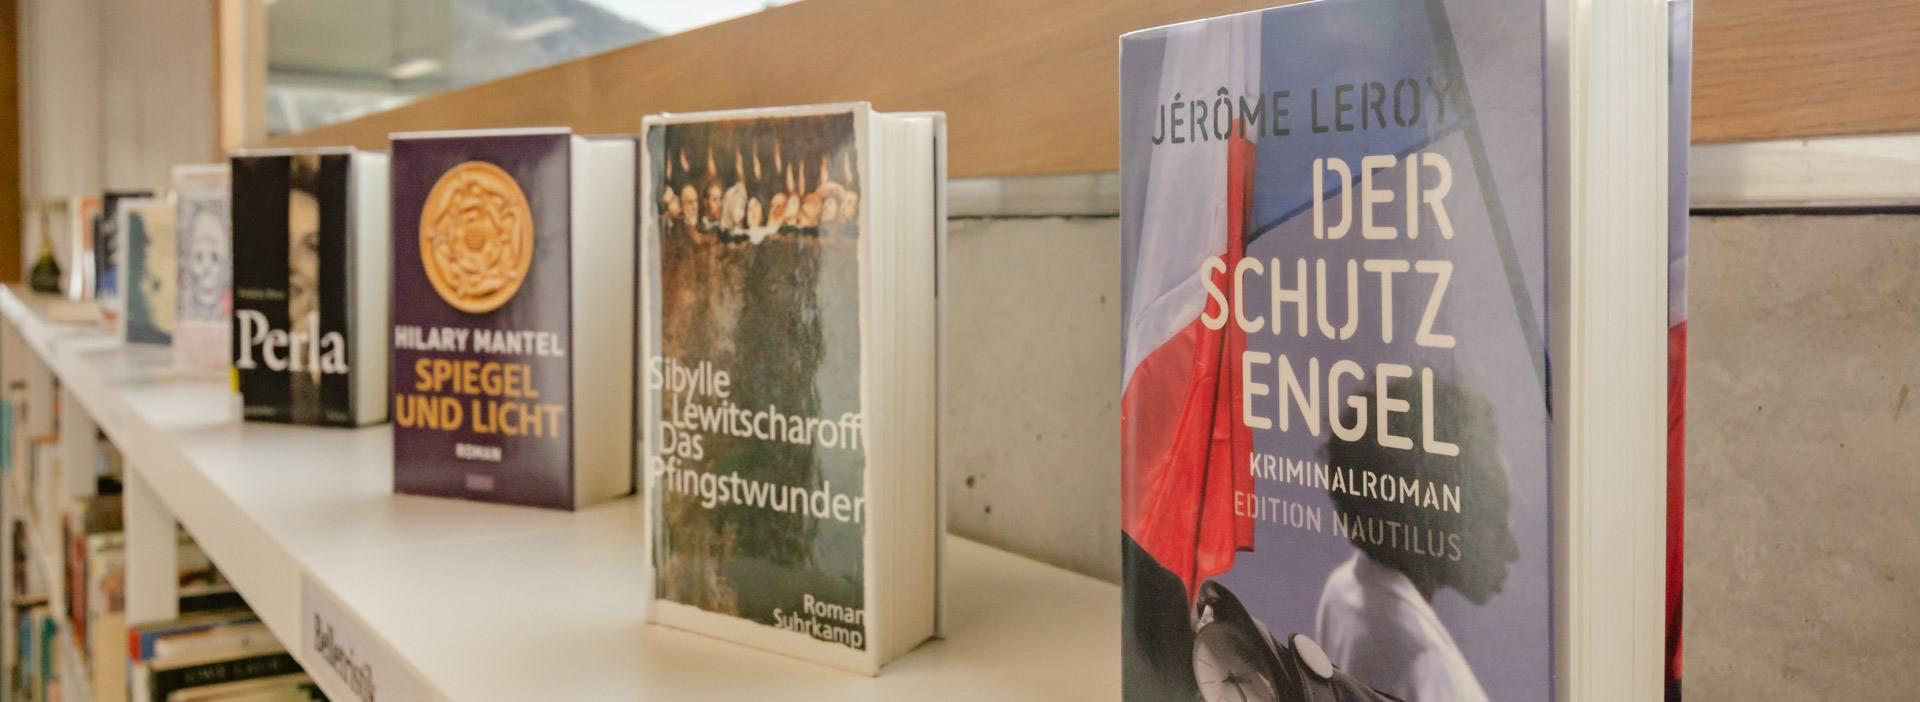 Bibliothek Sinich